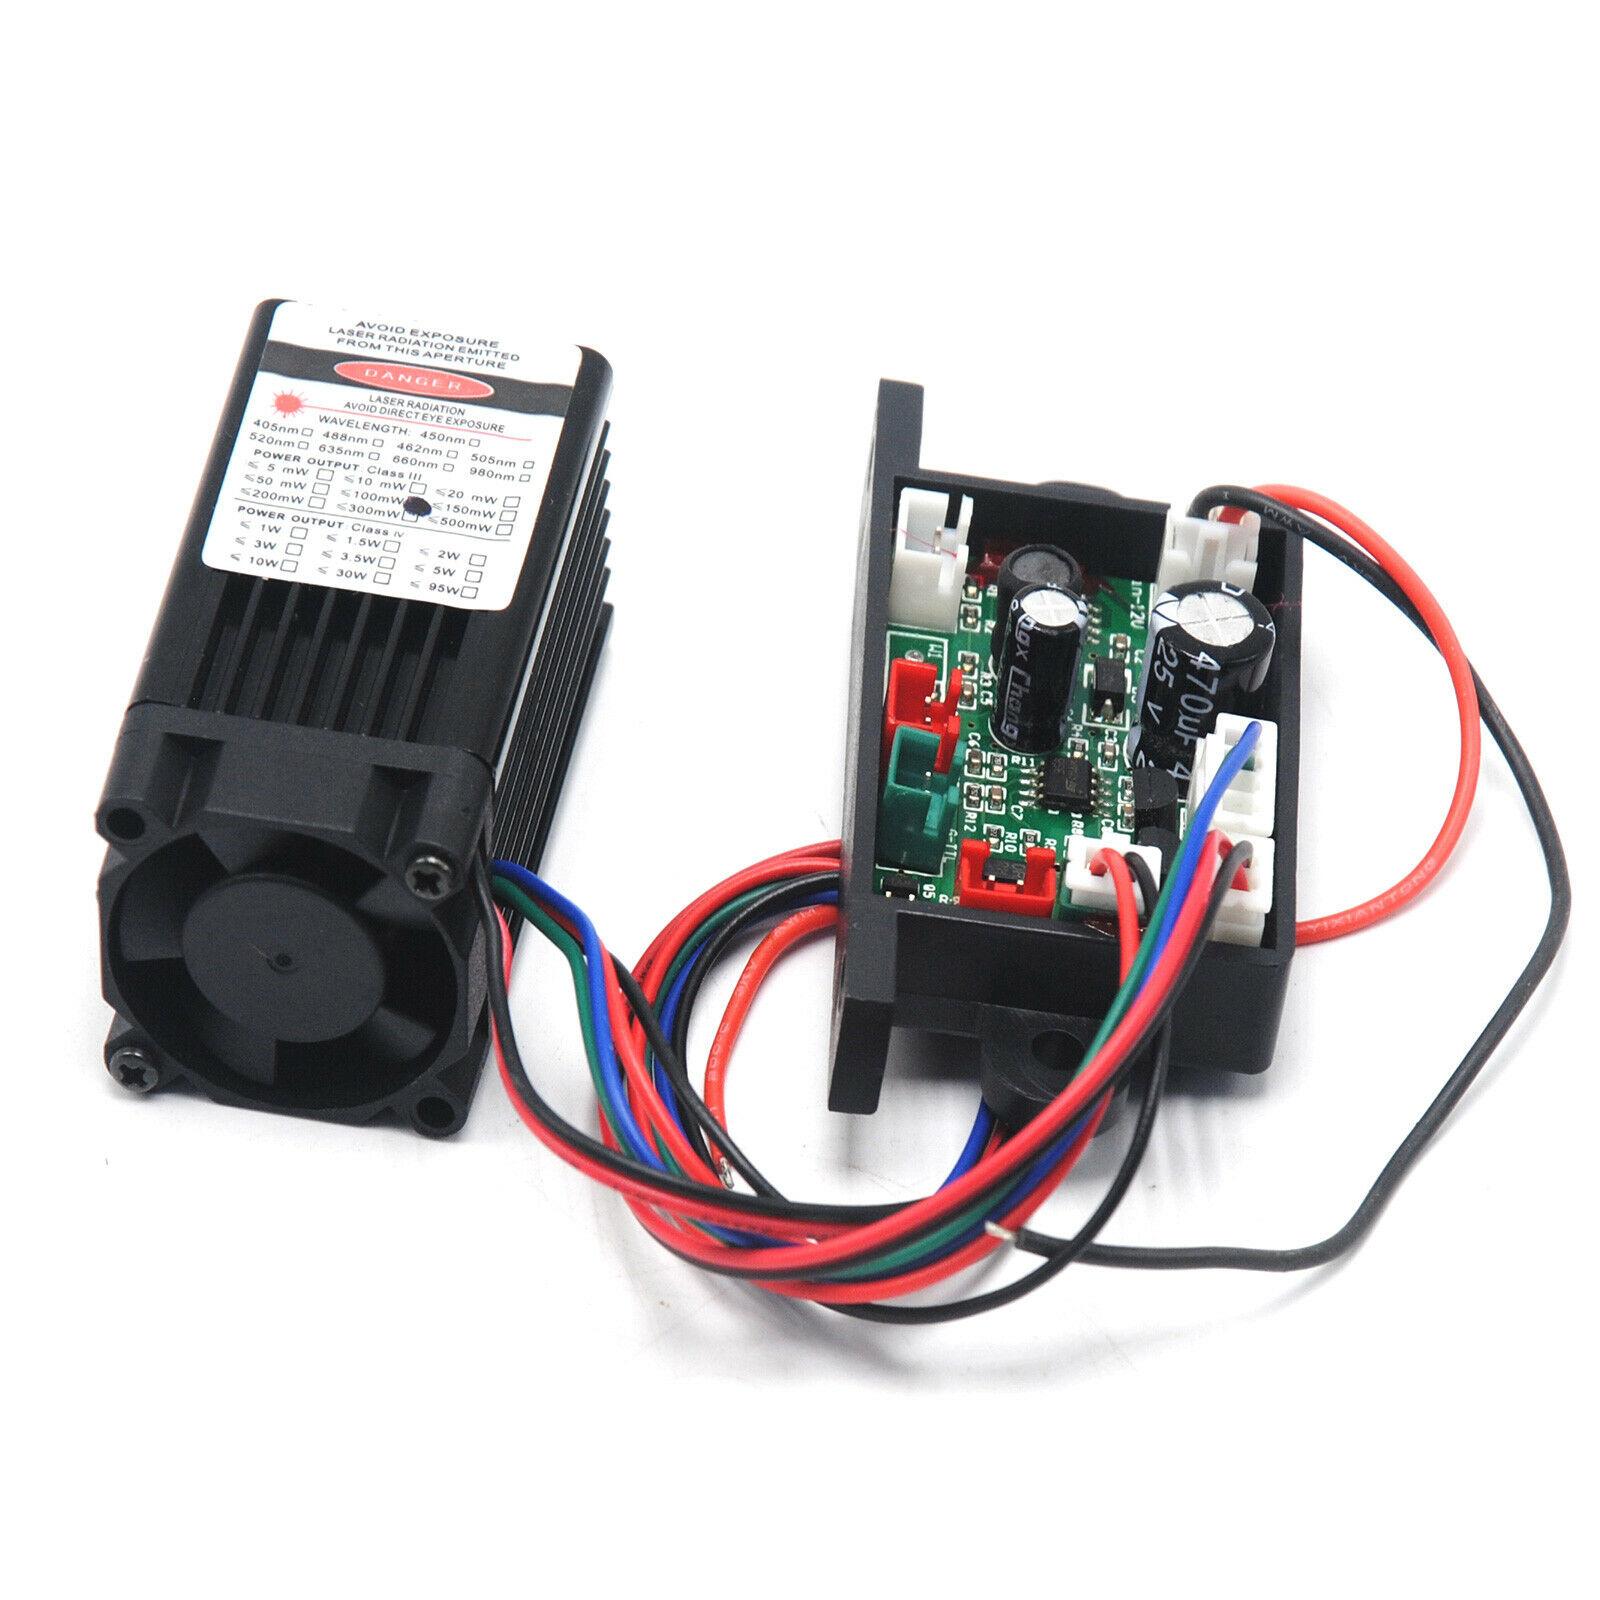 100 мВт 532 нм зеленый лазер диод модуль 12 В вентилятор охлаждение TTL 0-30 кГц длительный время работа